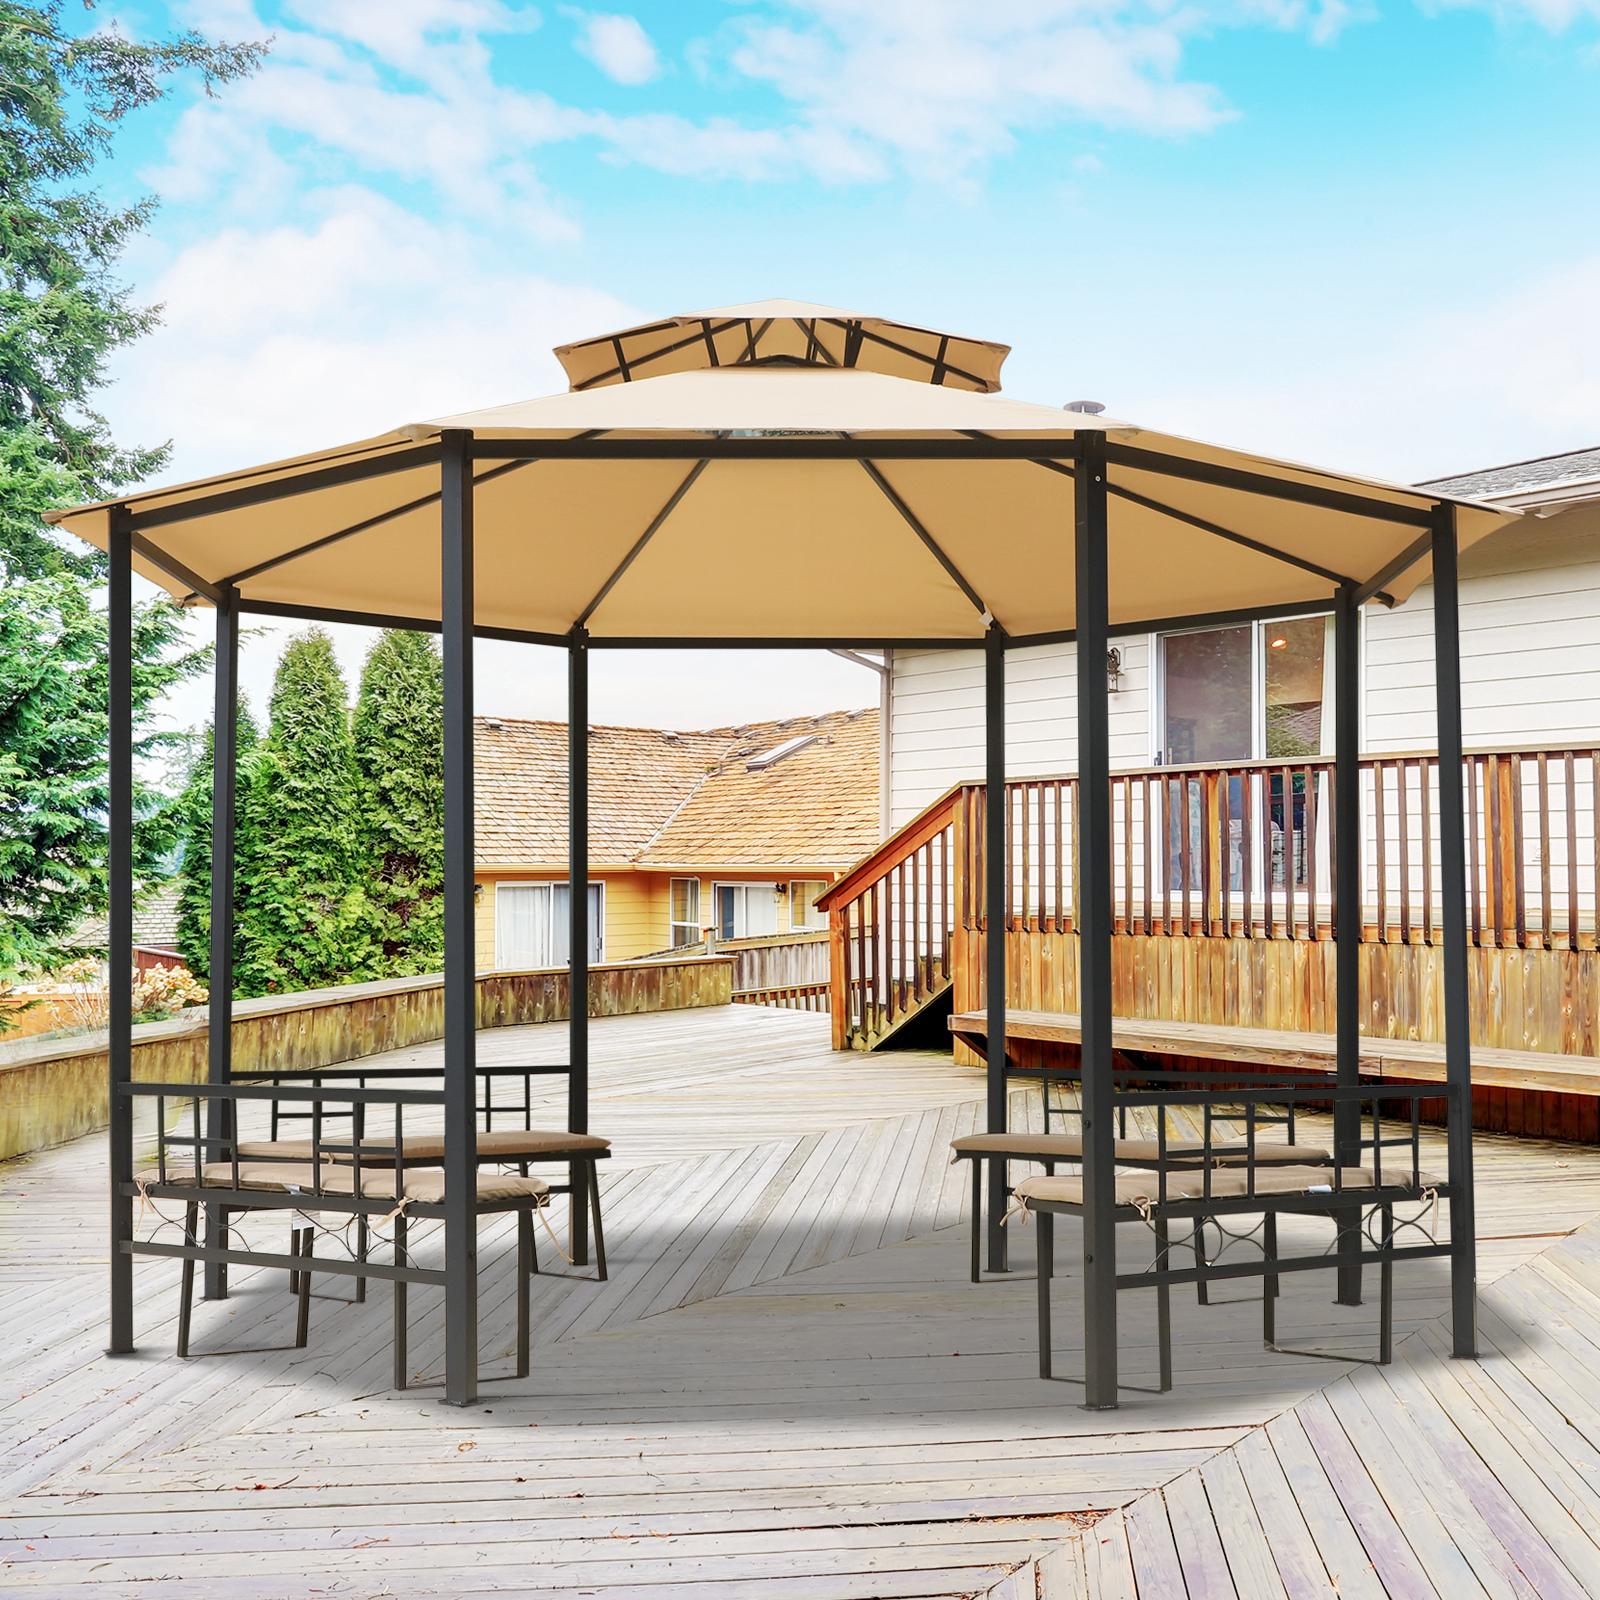 Festzelt 9x3 m Partyzelt 8 Seitenwände Blau Gartenzelt wasserabweisend Pavillon